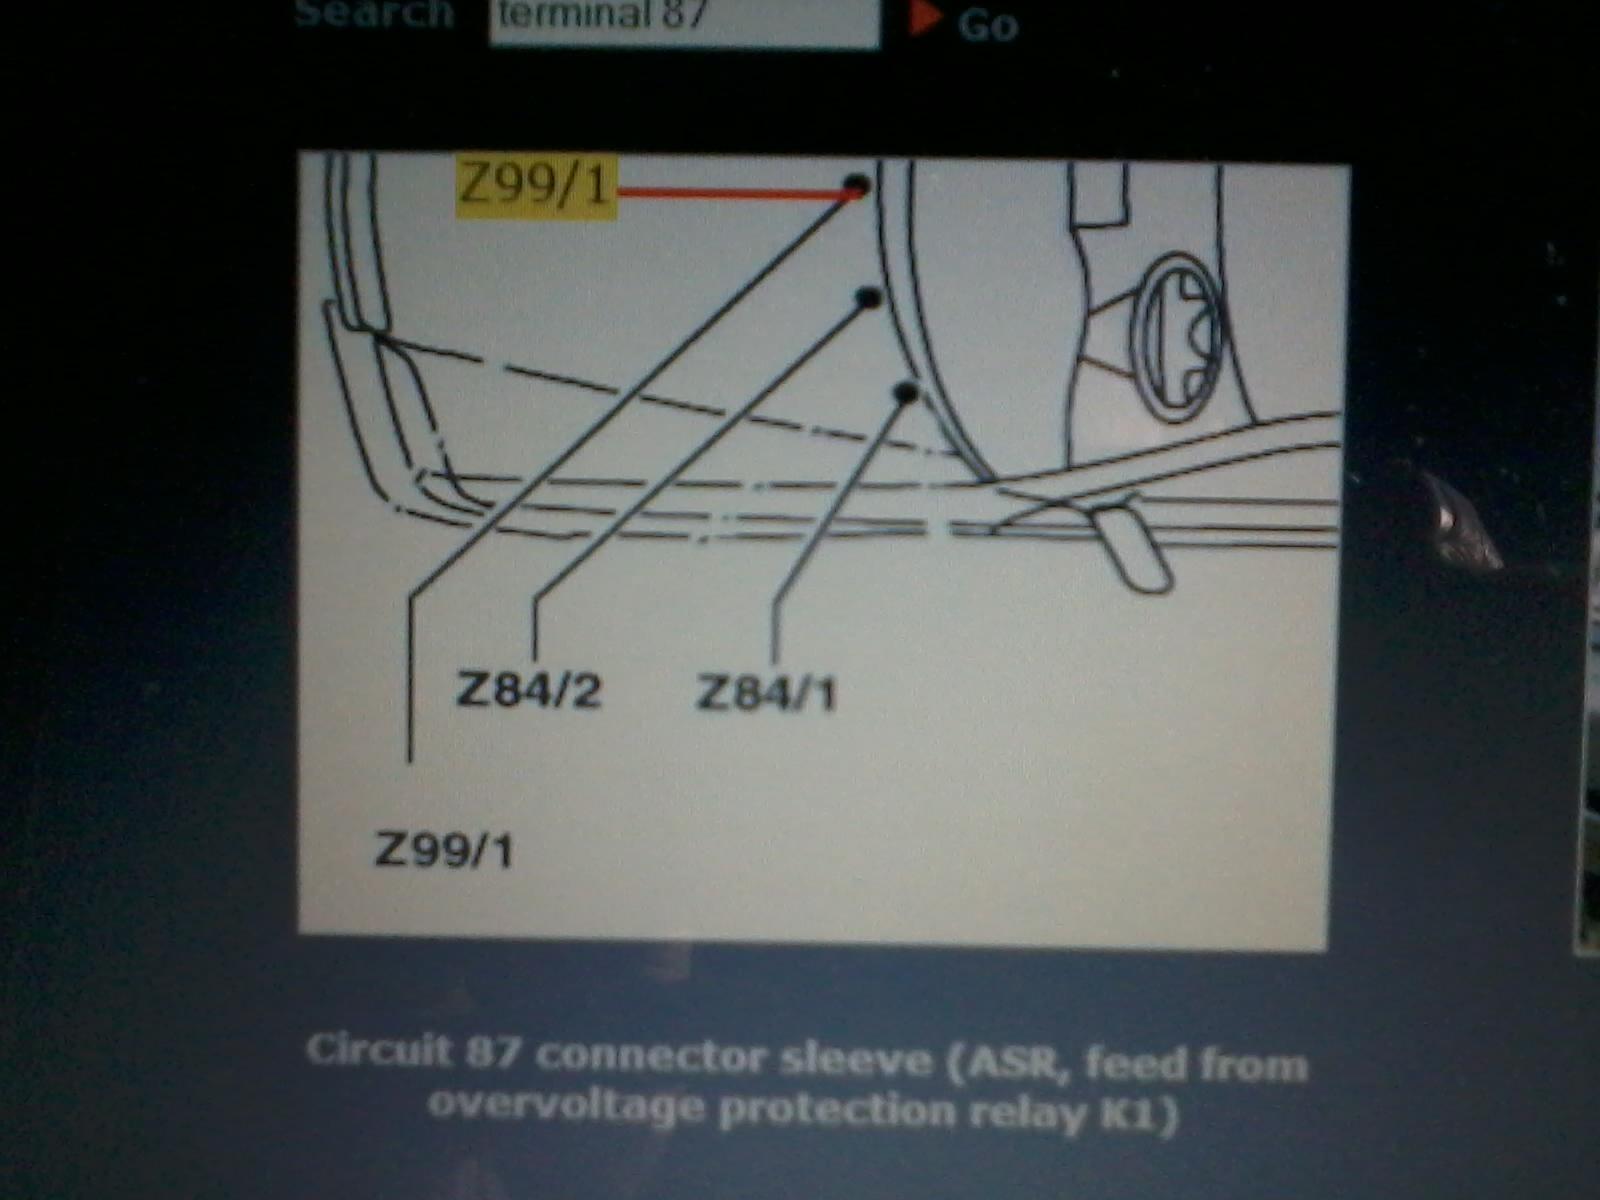 Ajuda Relé de Sobrecarga, Controle de estabilidade (ASR) e reset avarias Star Diagnósis (C280 98) 2vwydc3